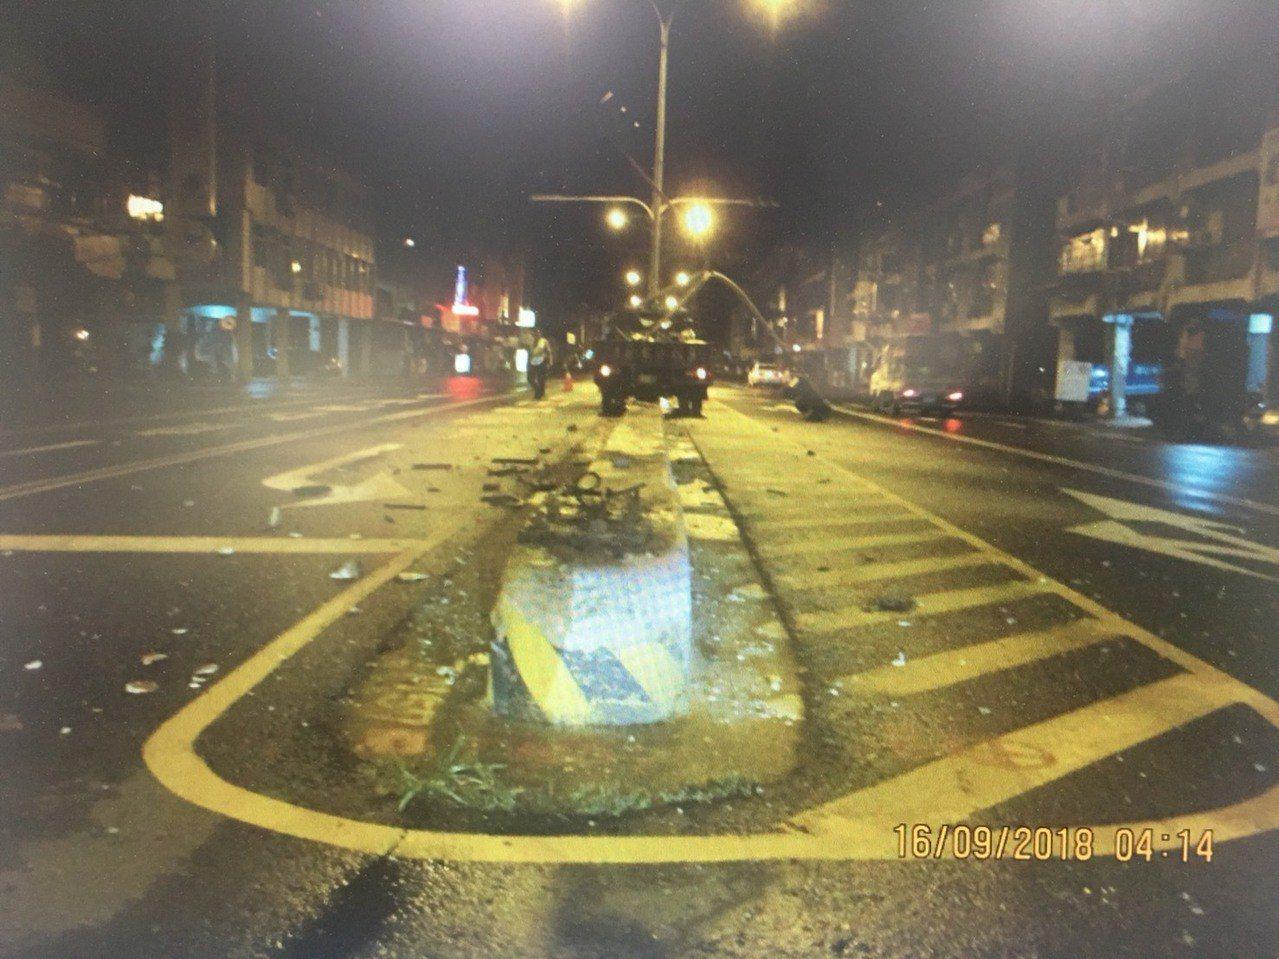 台南市一輛小貨車駕駛涉嫌酒後駕車撞斷大同路二段號誌燈,警詢後依公共危險罪嫌法辦。...